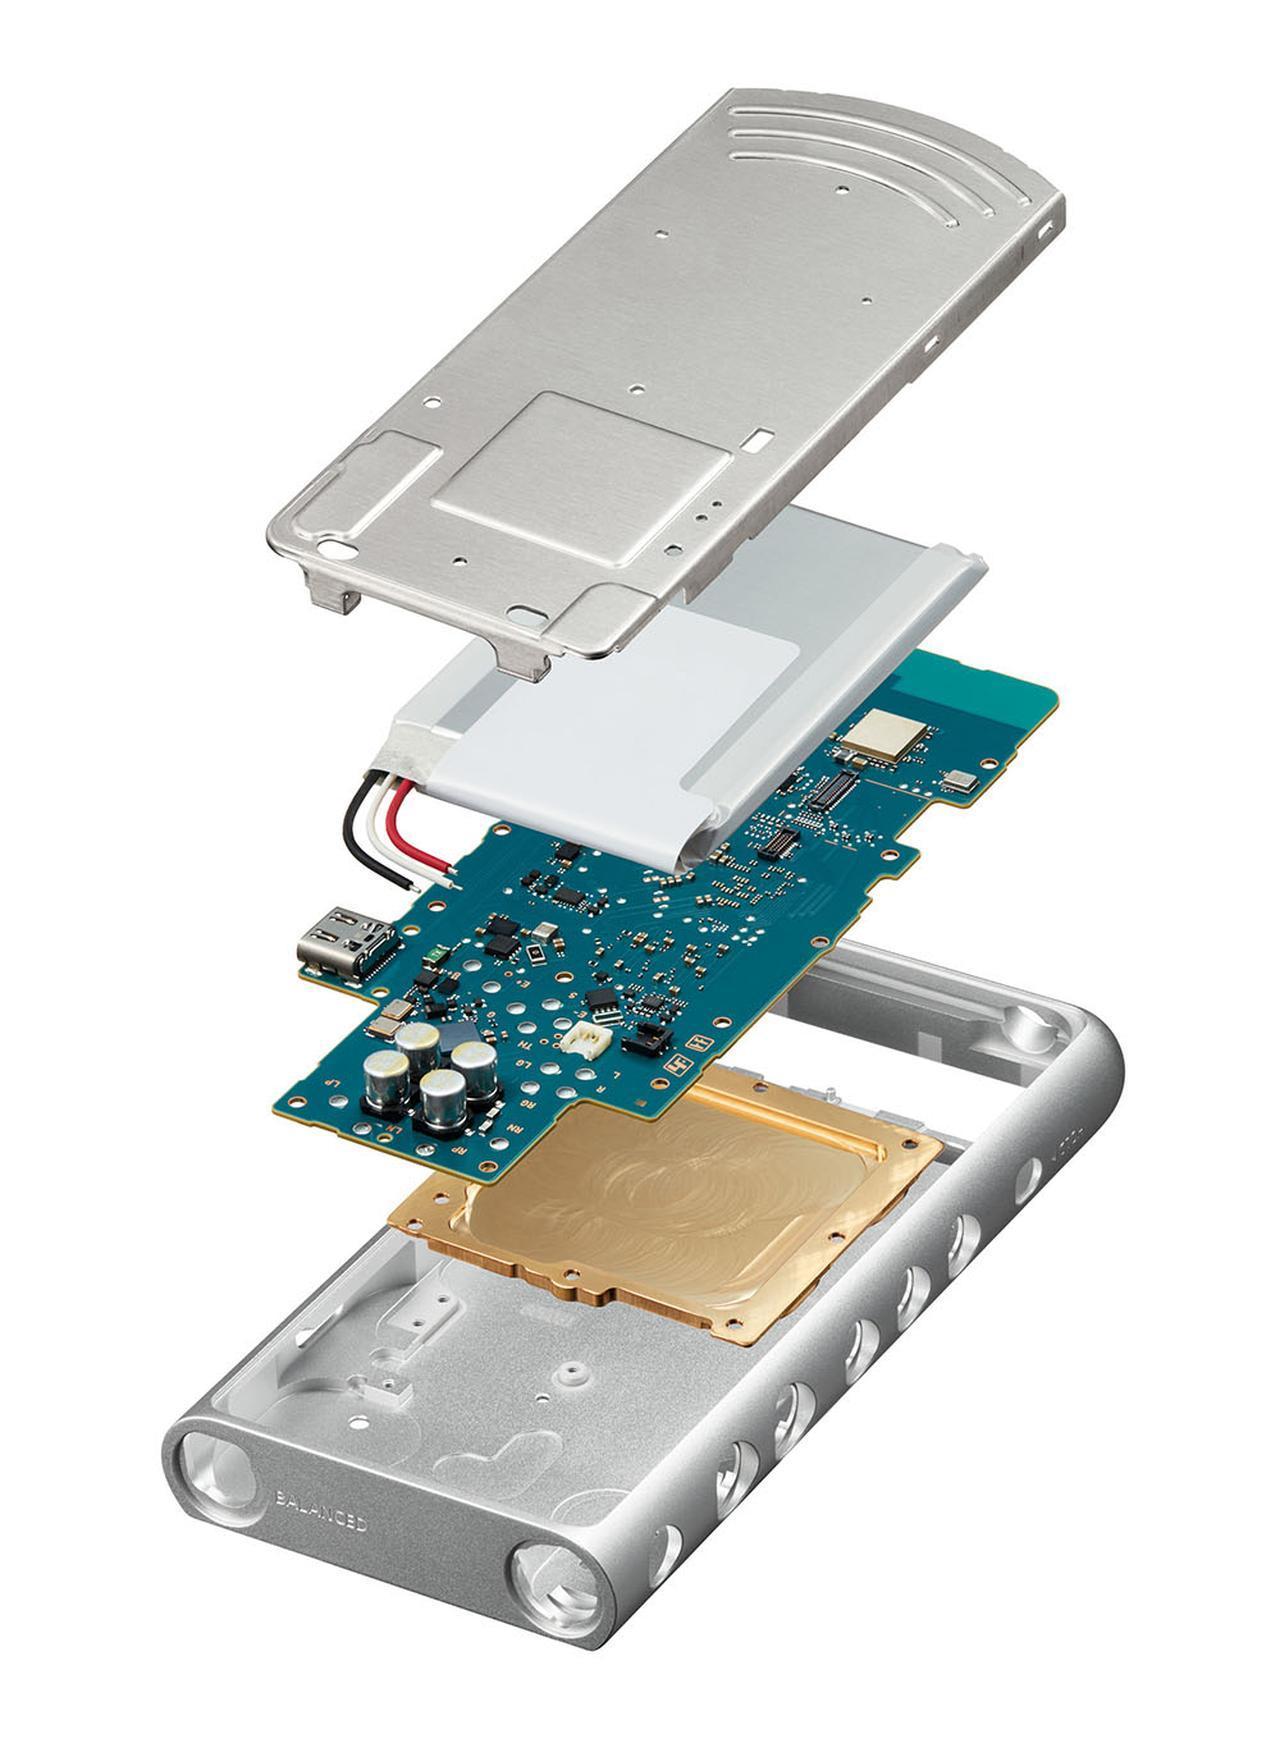 画像: NW-ZX500シリーズの構造図。本体シャーシはアルミブロックの削り出しで、下からふたつめが銅切削ブロック。このパーツが内部のグラウンドを安定させる効果を持つ